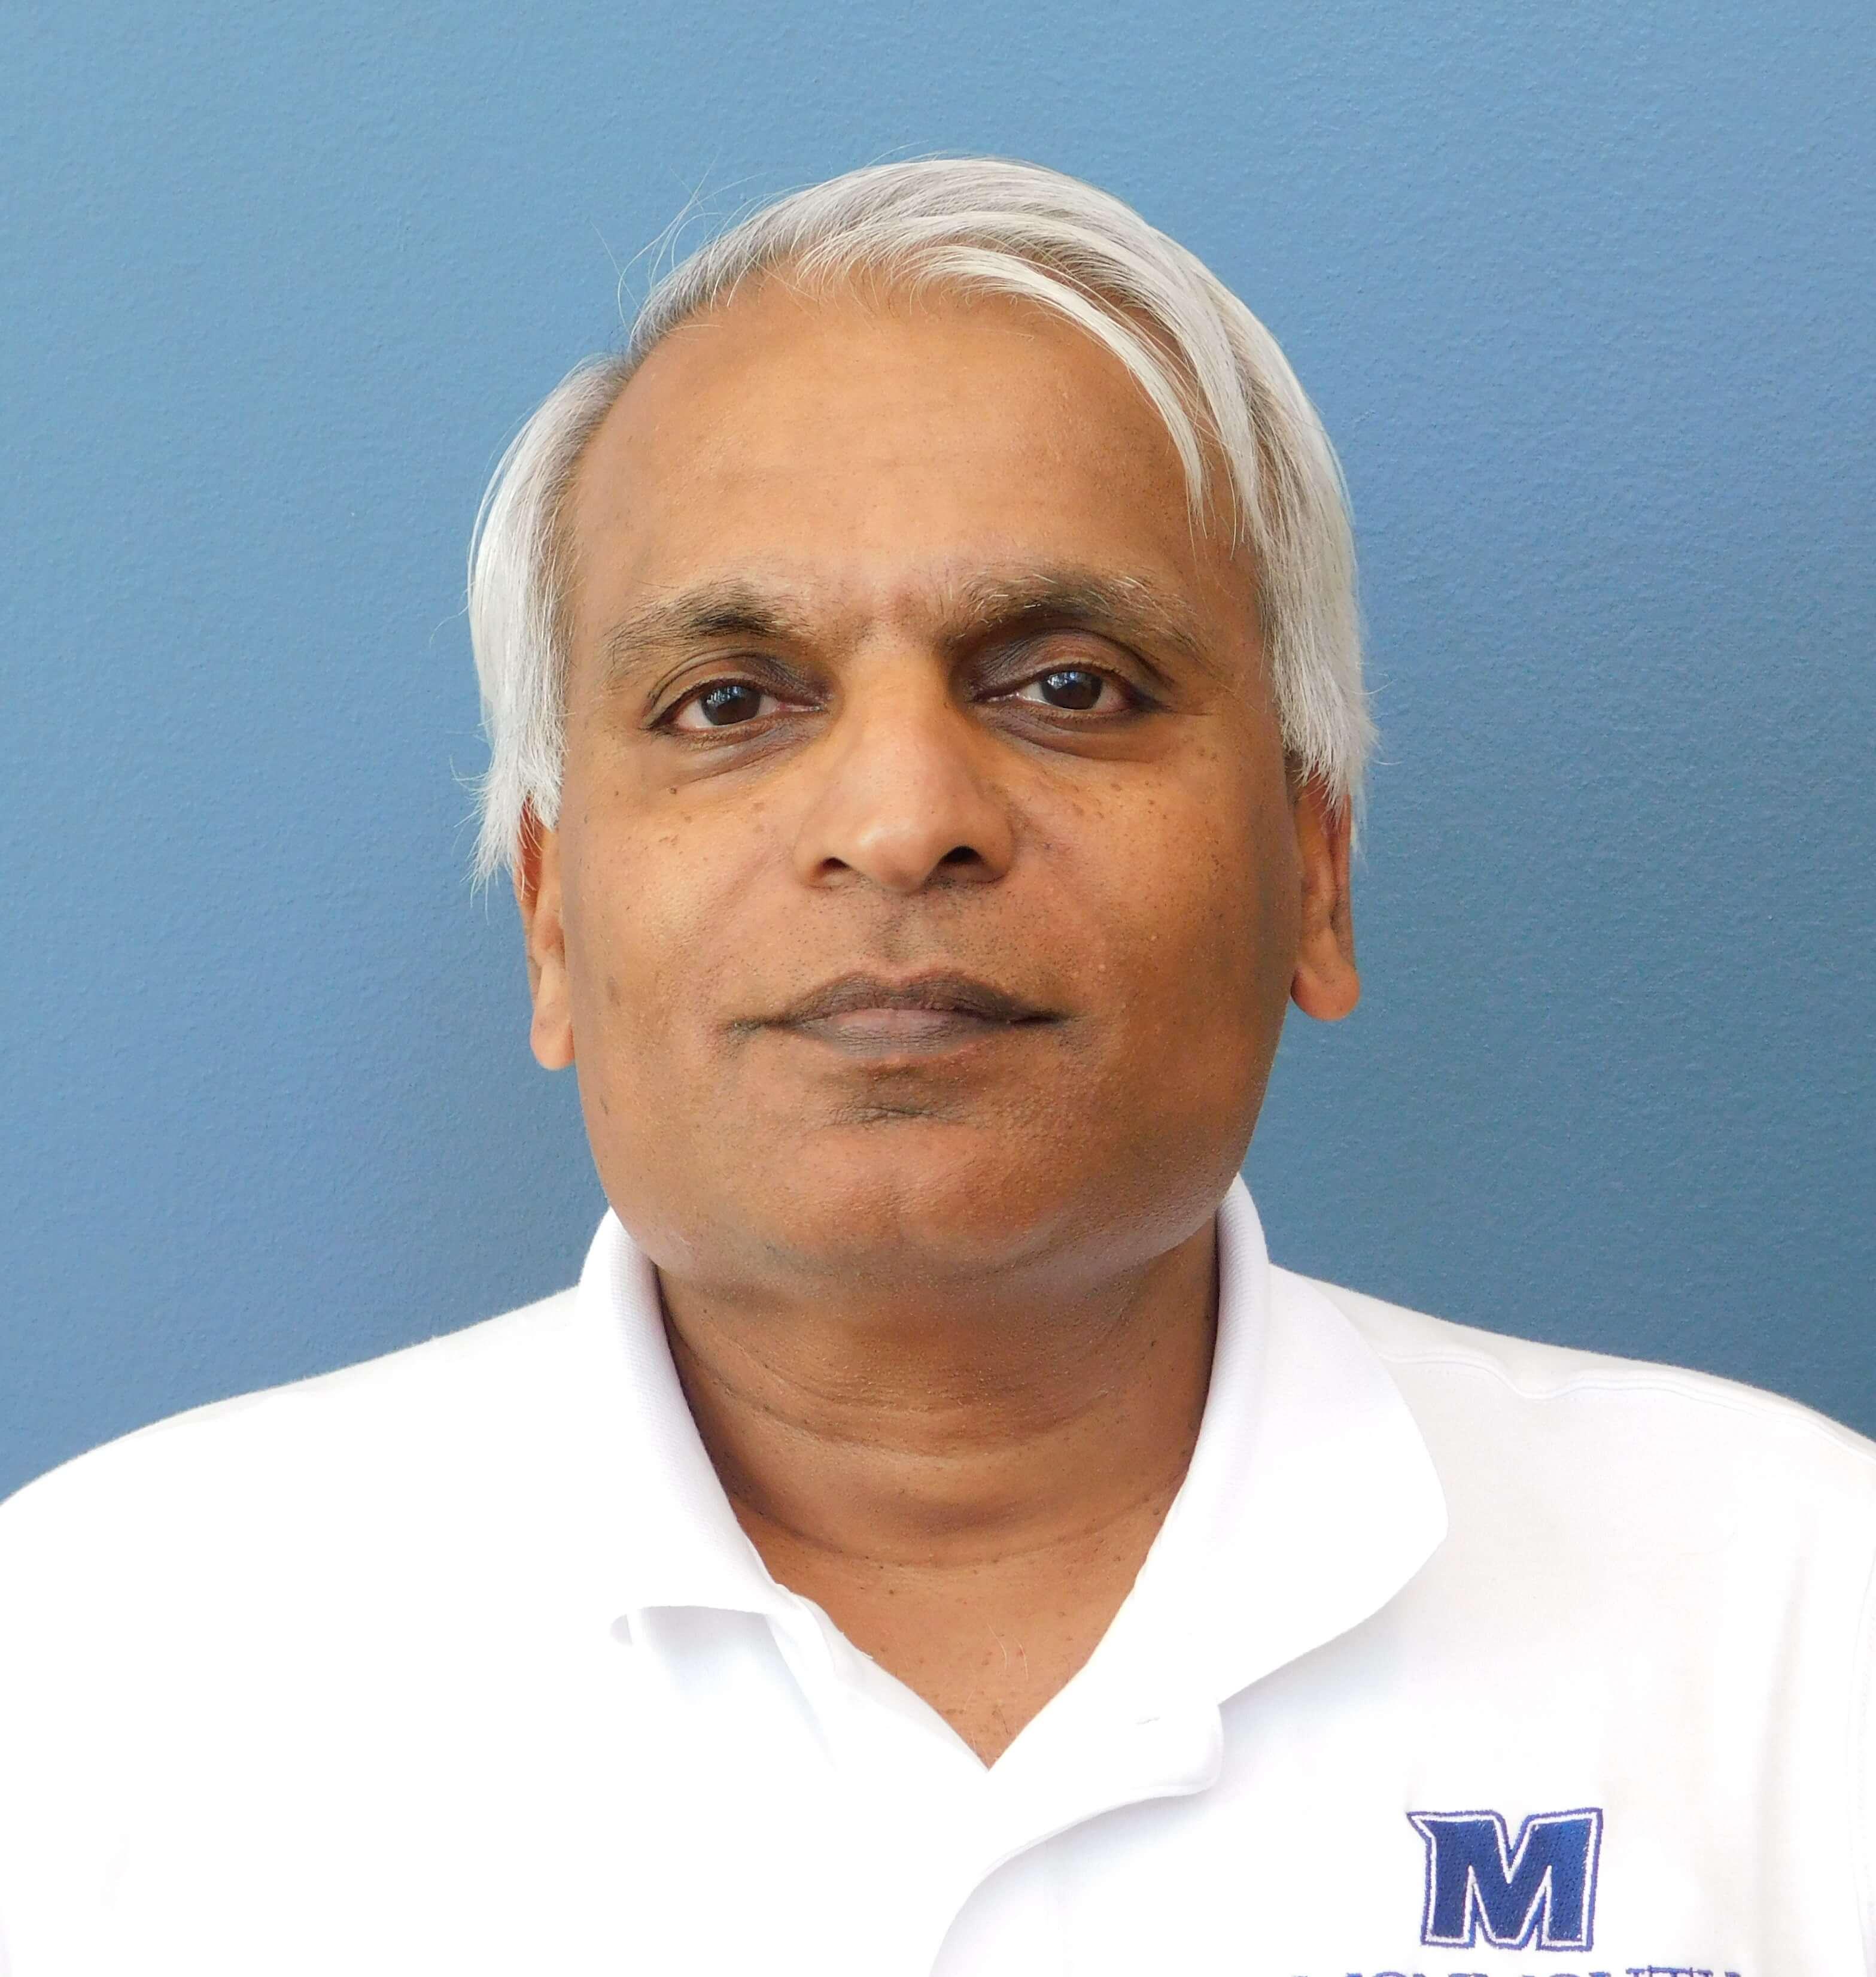 Photo of Raman Lakshmanan, Ph.D.